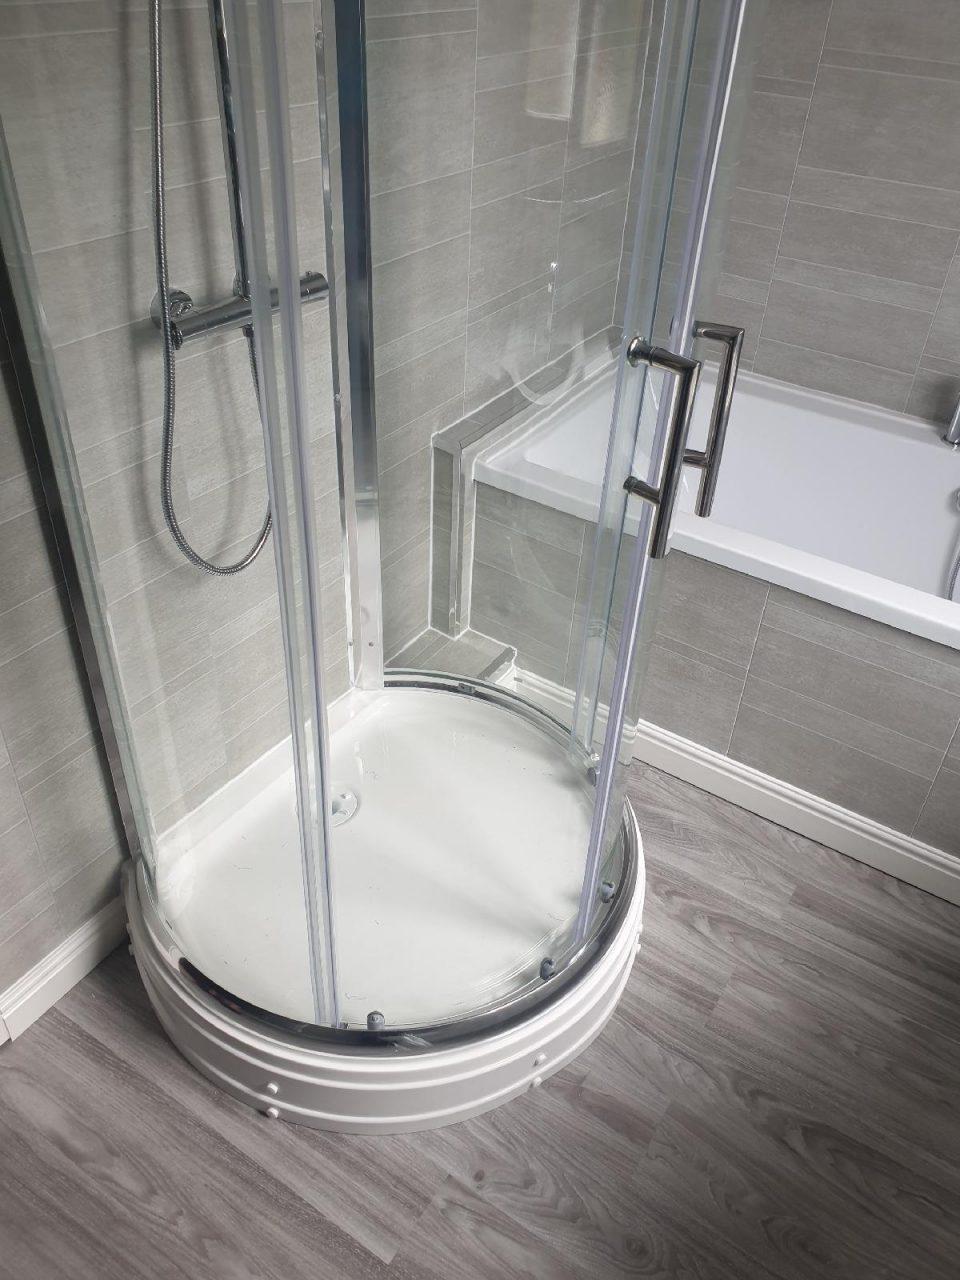 New Bathroom Mrs Wootton in Birmingham Round Shower Cubicle